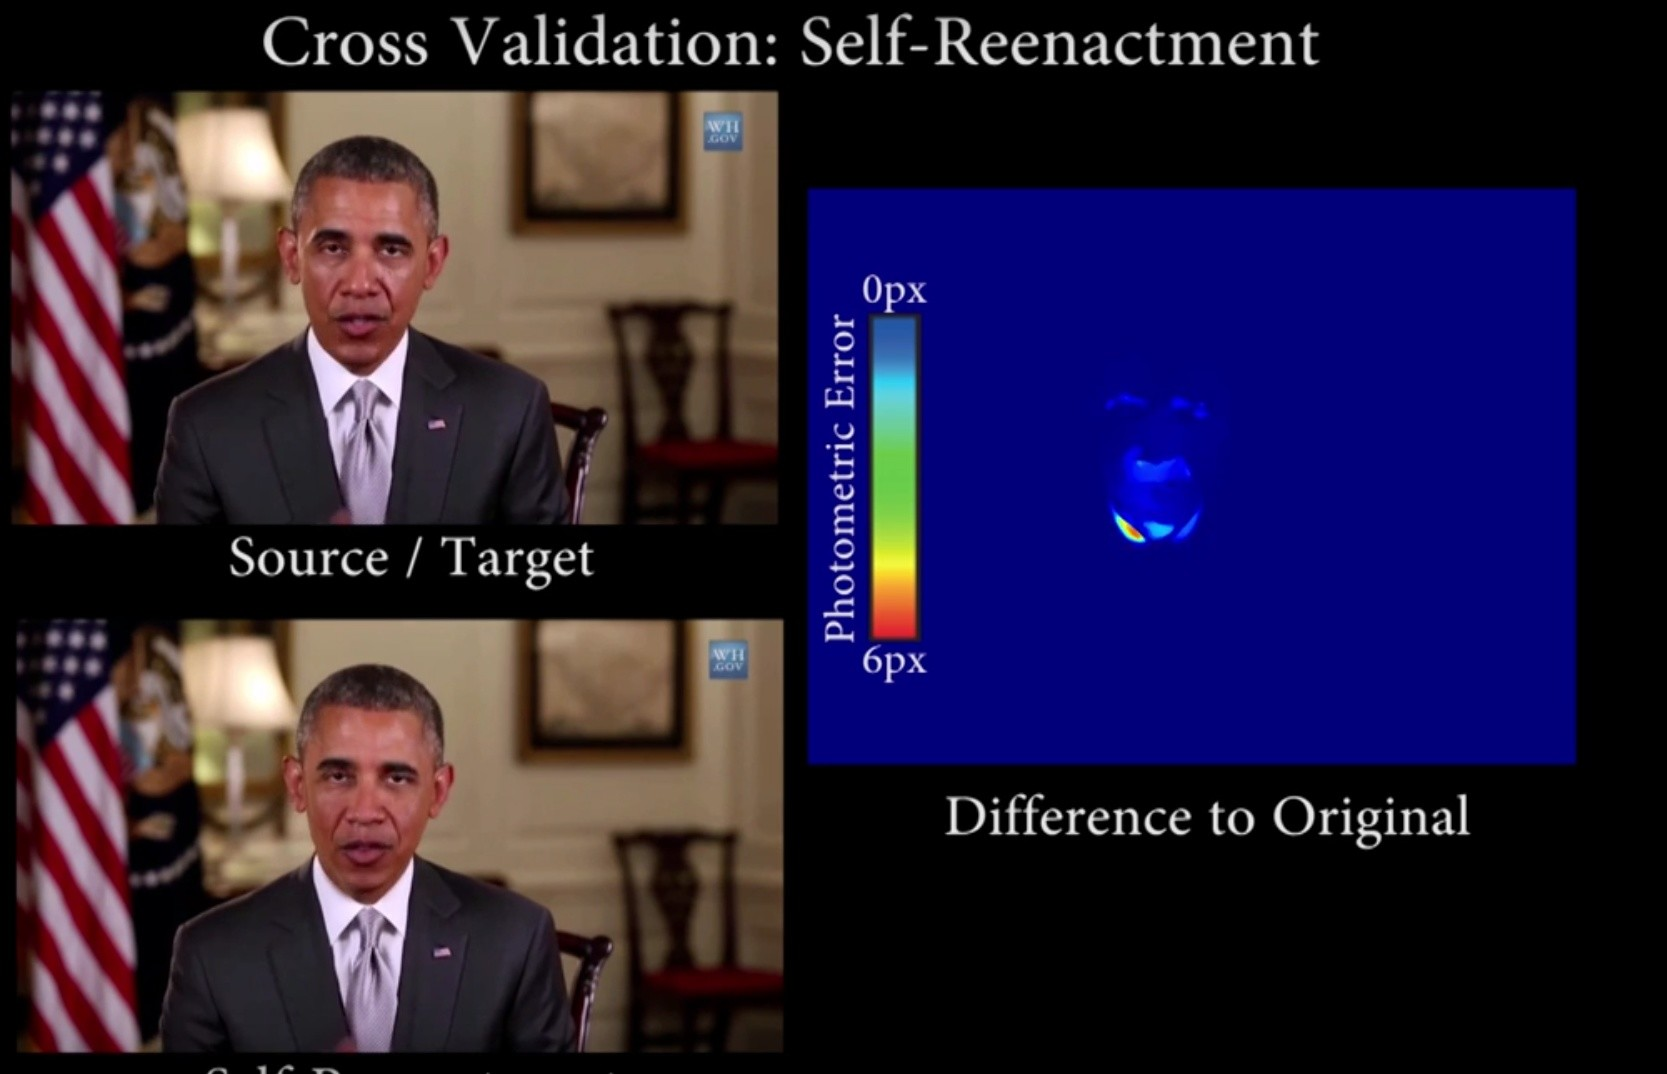 Un nouveau programme permet de modifier en temps réel l'expression faciale d'une personne sur vidéo